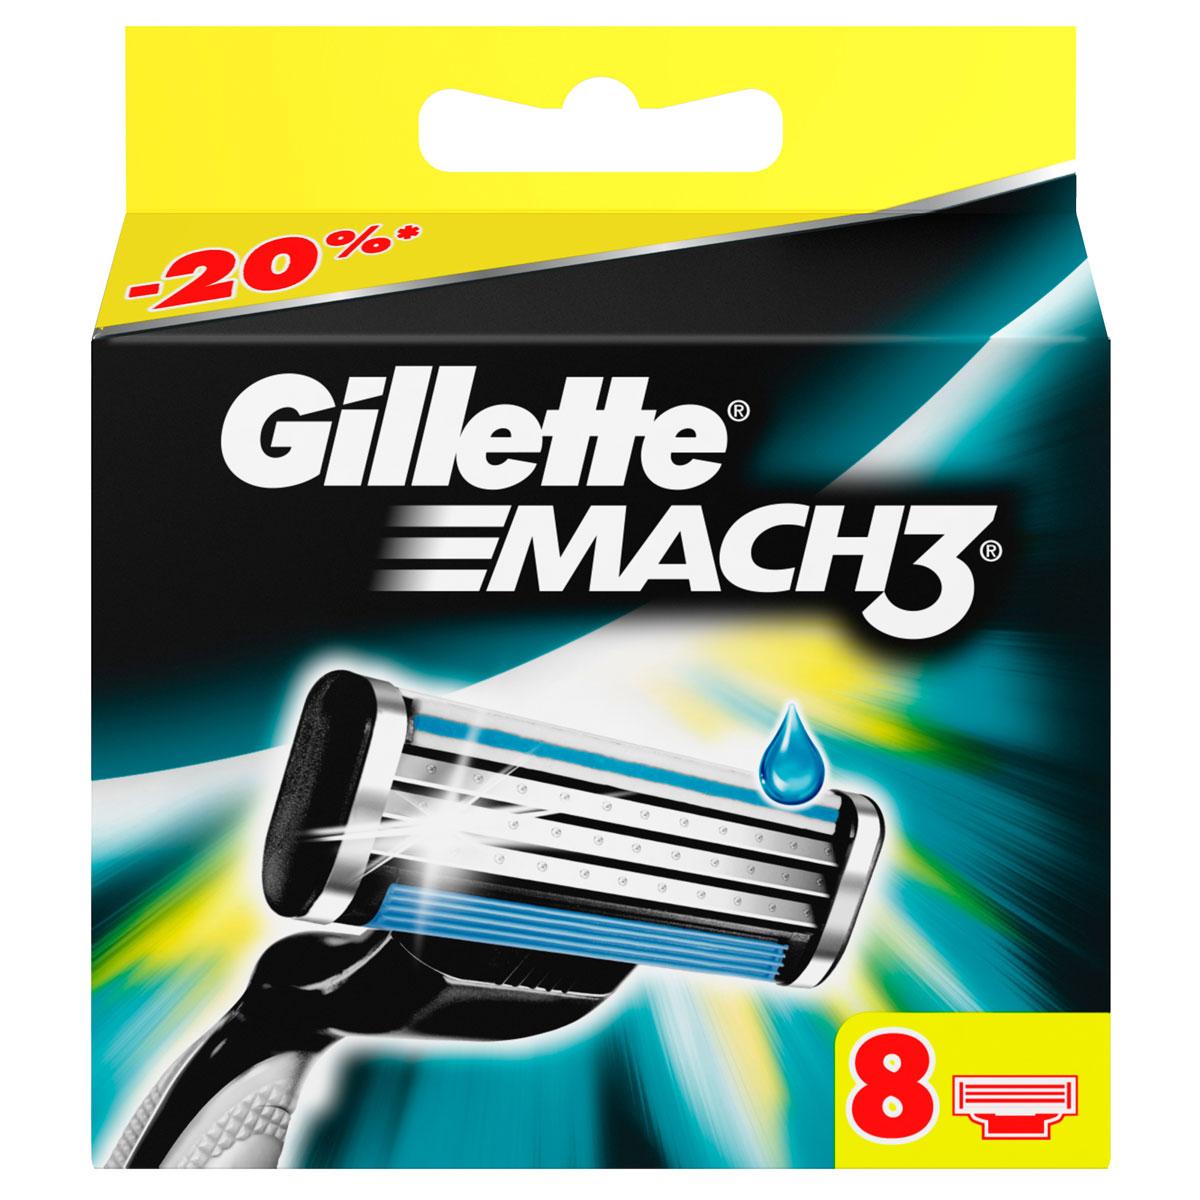 Сменные кассеты для бритья Gillette Mach 3, 8 шт.MAG-13284671Даже 10-ое бритье Mach3 комфортнее 1-го одноразовой бритвой.Почувствуйте исключительную эффективность Mach3! Это бритва включает в себя гелевую полоску, которая способствует скольжению и защищает кожу от покраснения, также полоска исчезает, когда кассету пора менять. Плавающая головка обеспечивает тесный контакт лезвий с кожей, удобная ручка адаптируется к контурам лица для более легкого и комфортного бритья (по сравнению с одноразовыми бритвенными станками Blueell Plus). Даже после десятого использования бритвы ощущения более приятные, чем от одноразовых станков (по сравнению с одноразовыми станками для бритья Bluell Plus).По сравнению с Gillette BlueII PlusСрок хранения – 5 лет.Страна производства – Польша. Характеристики:Комплектация: 8 сменных кассет. Товар сертифицирован.Состав смазывающей полоски: PEG-115M, PEG-7M, PEG-100, BHT, TOCOPHERYL ACETATE.